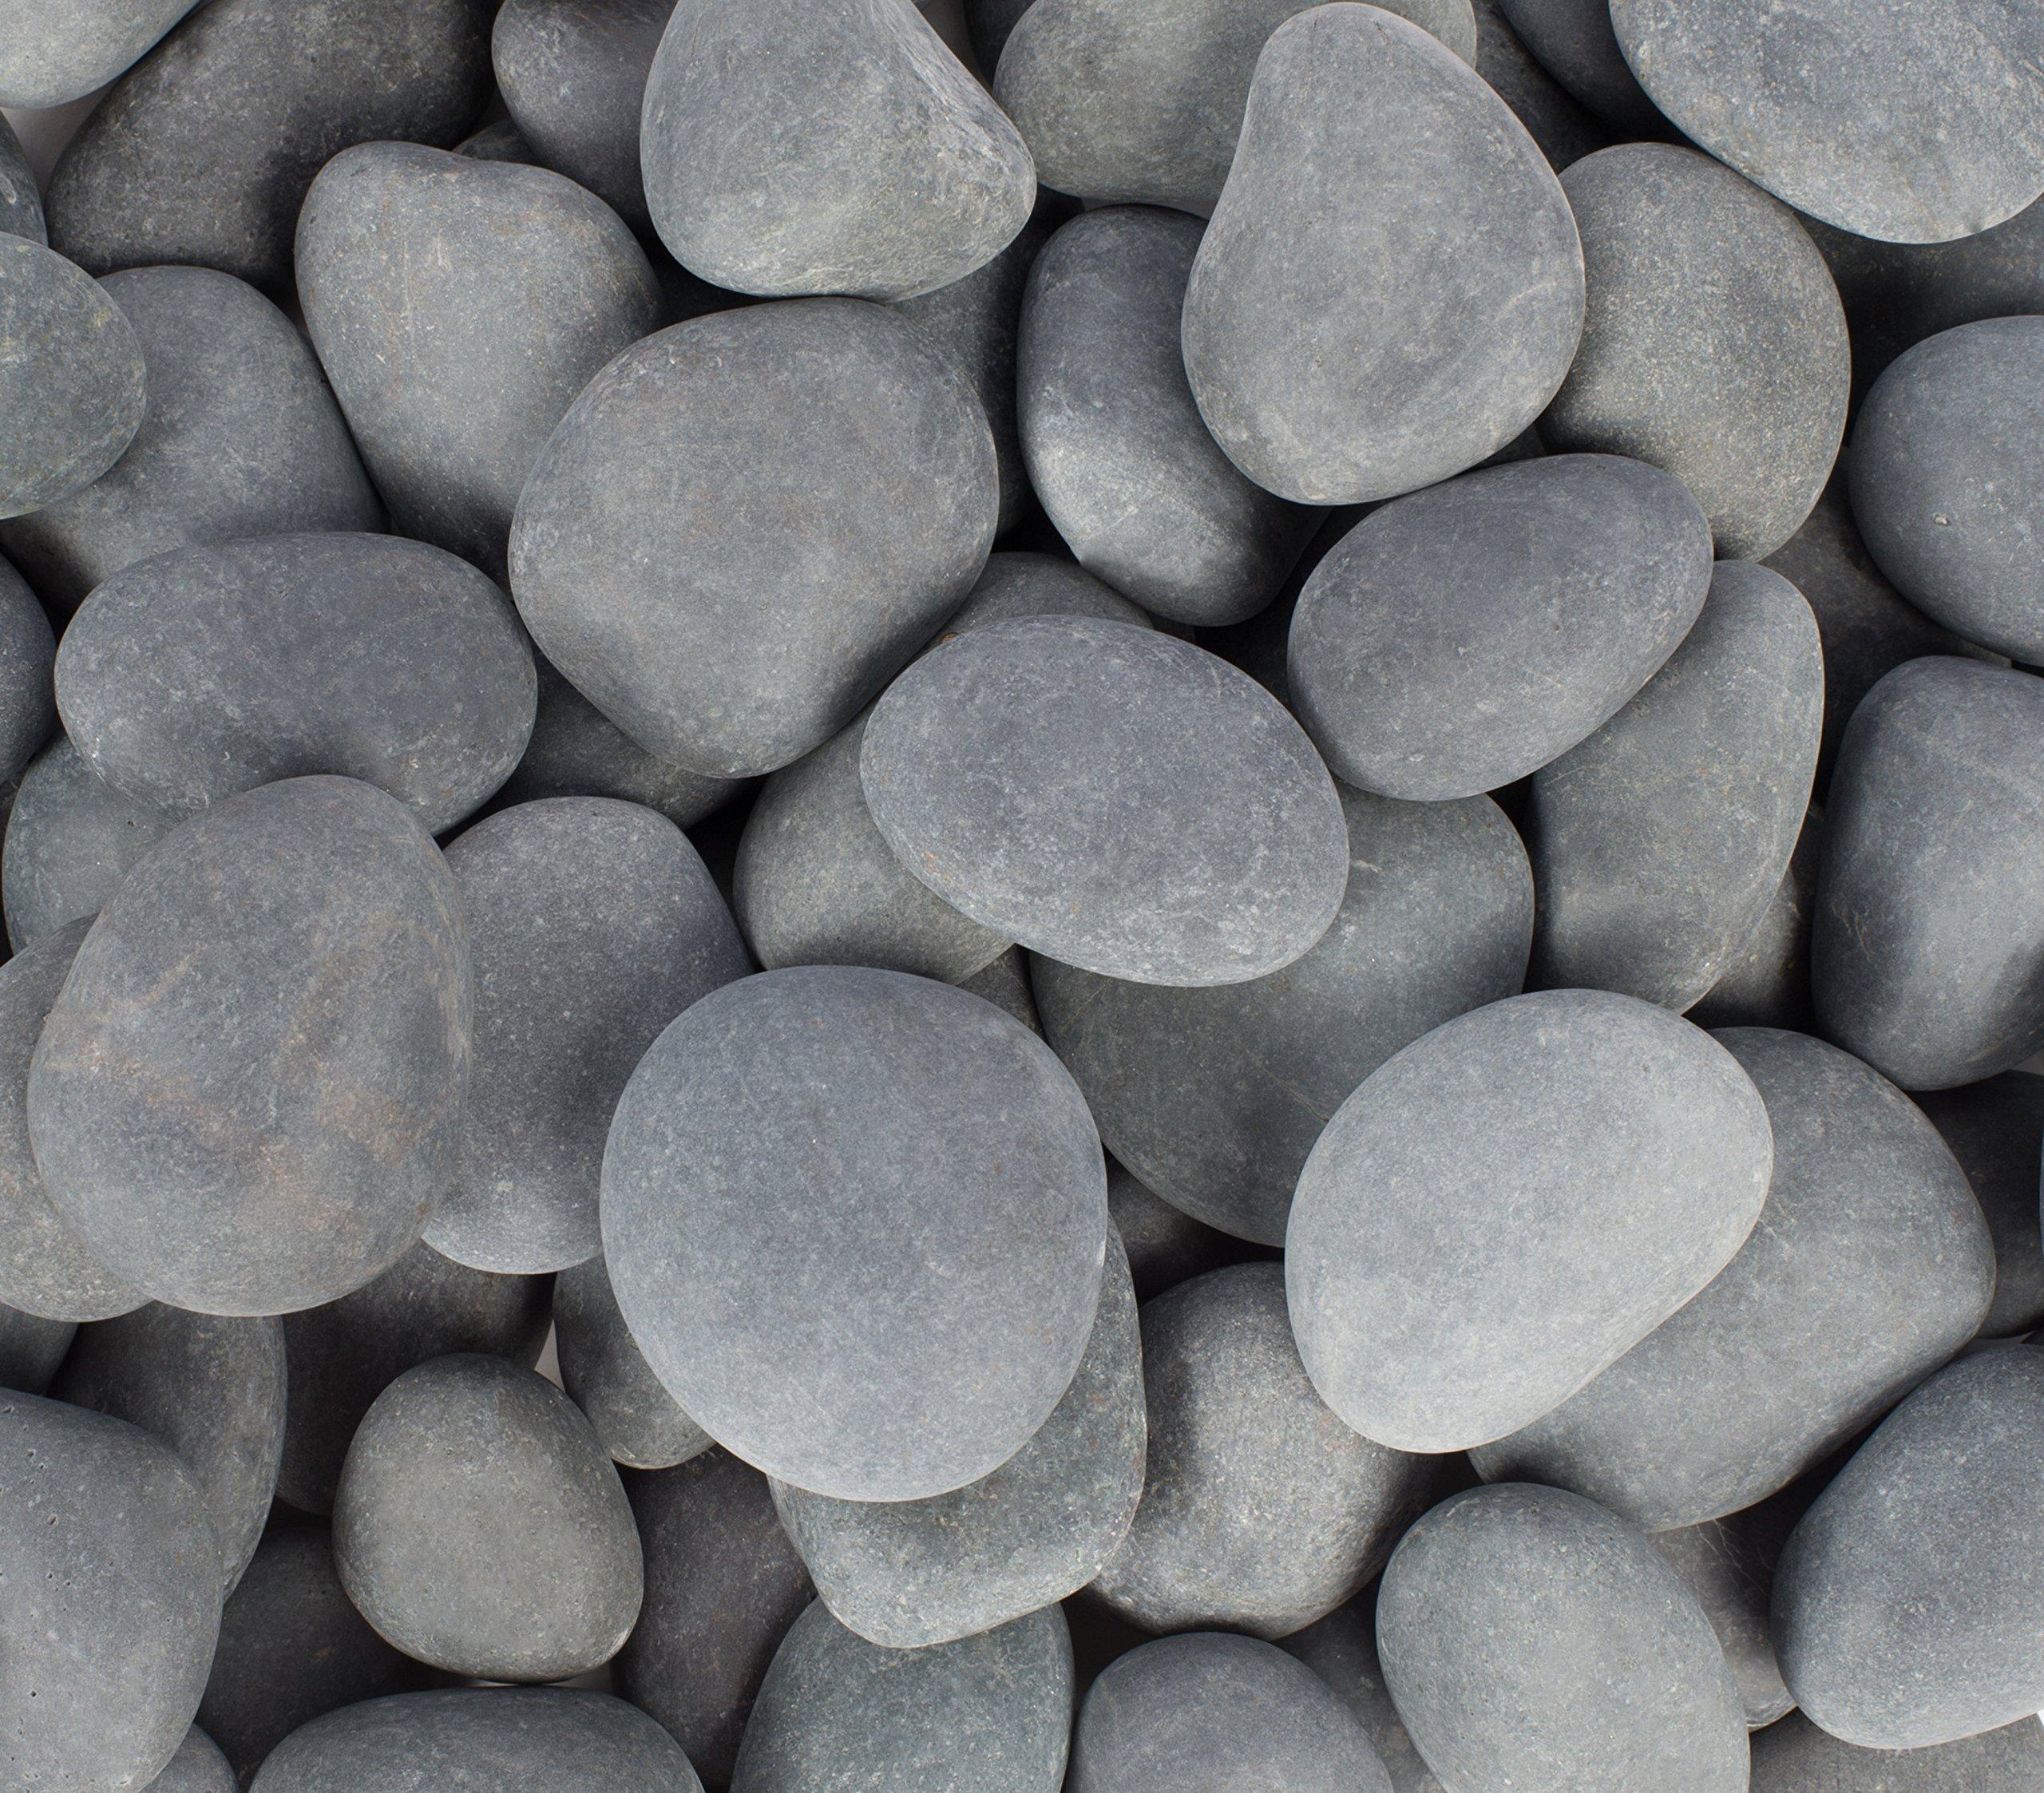 Margo 20 Lb Mexican Beach Pebbles